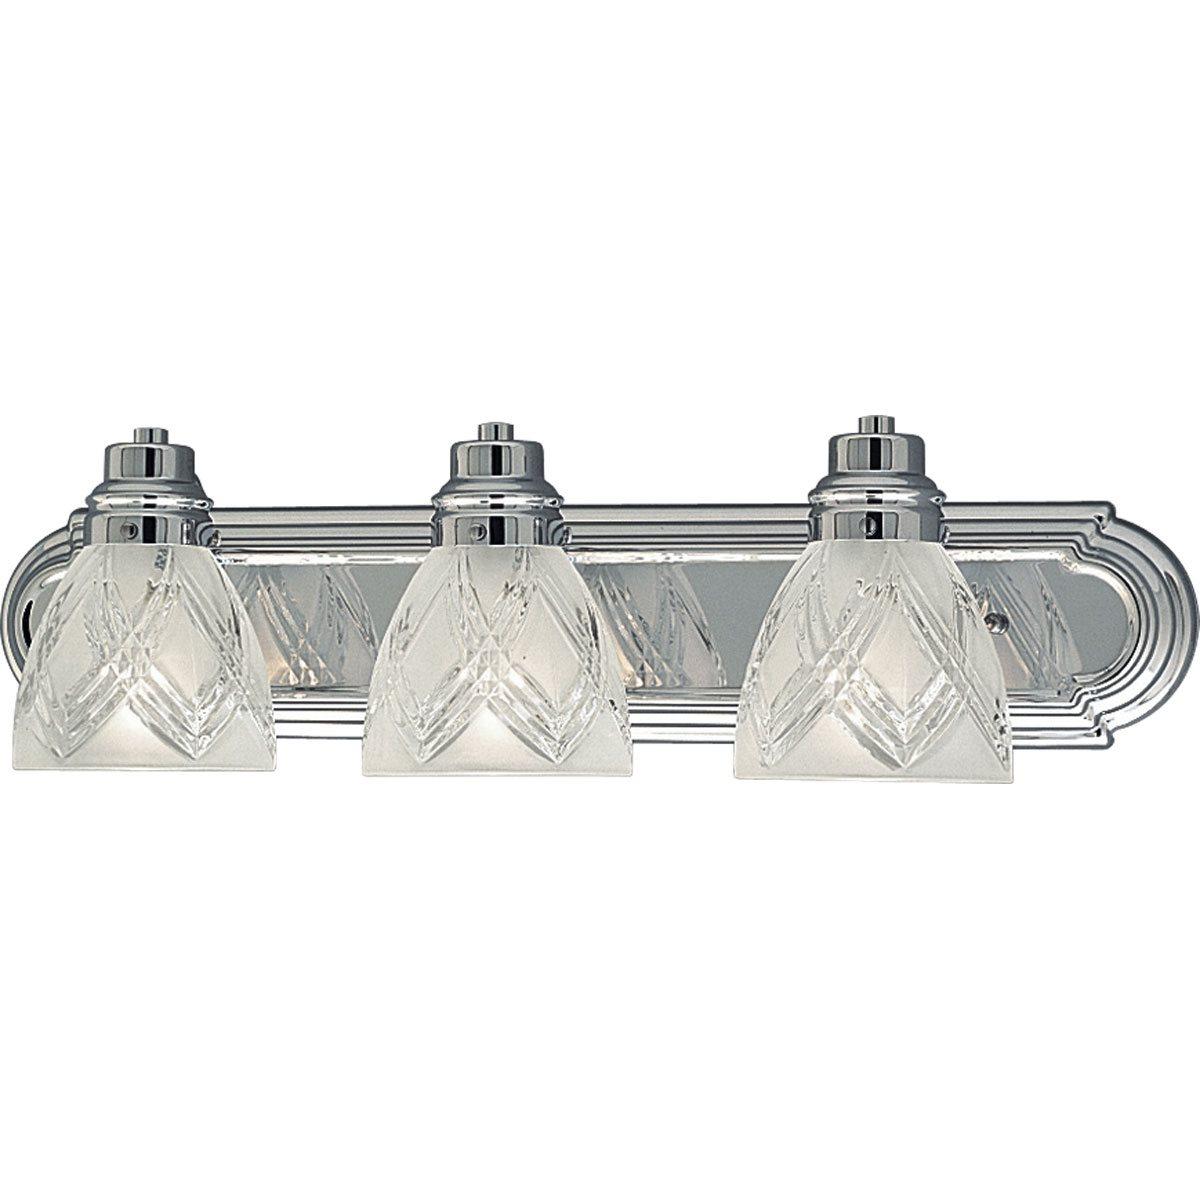 Progress Lighting P3044 15 Crystal Cut Transitional Bathroom Vanity Light Pg P3044 15